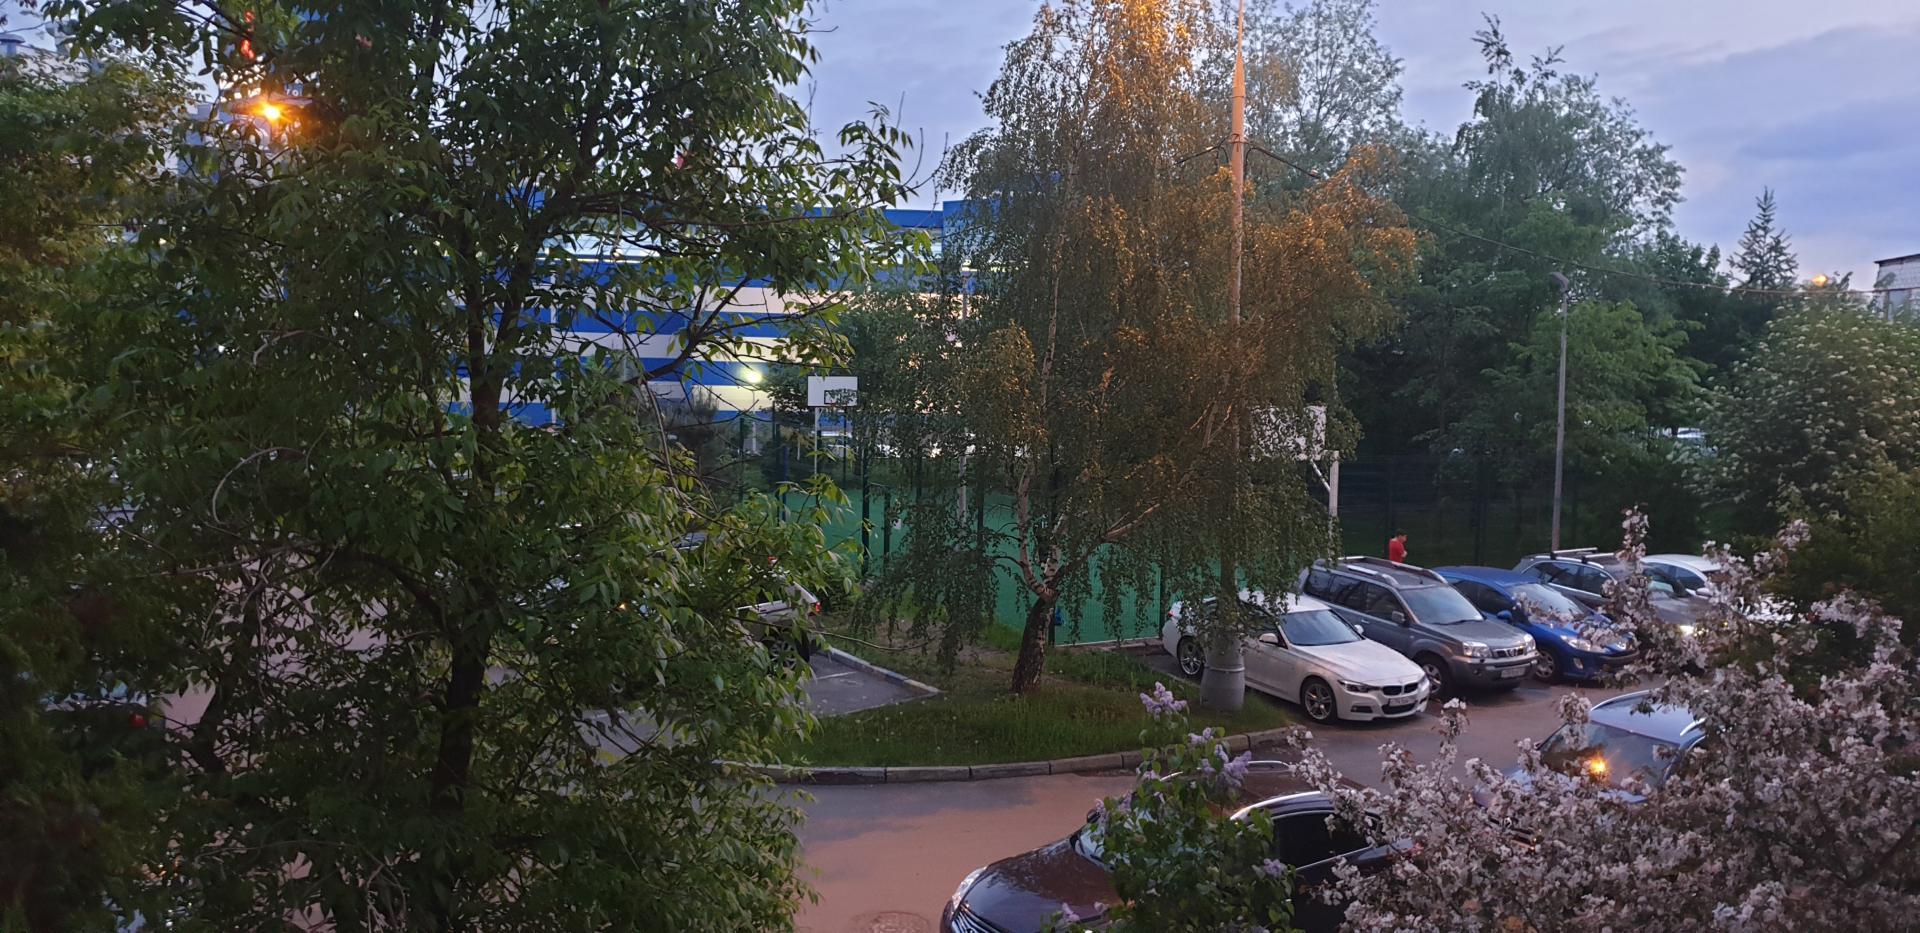 Продам 4-комн. квартиру по адресу Россия, Москва и Московская область, Москва, Азовская улица, 24к1 фото 17 по выгодной цене